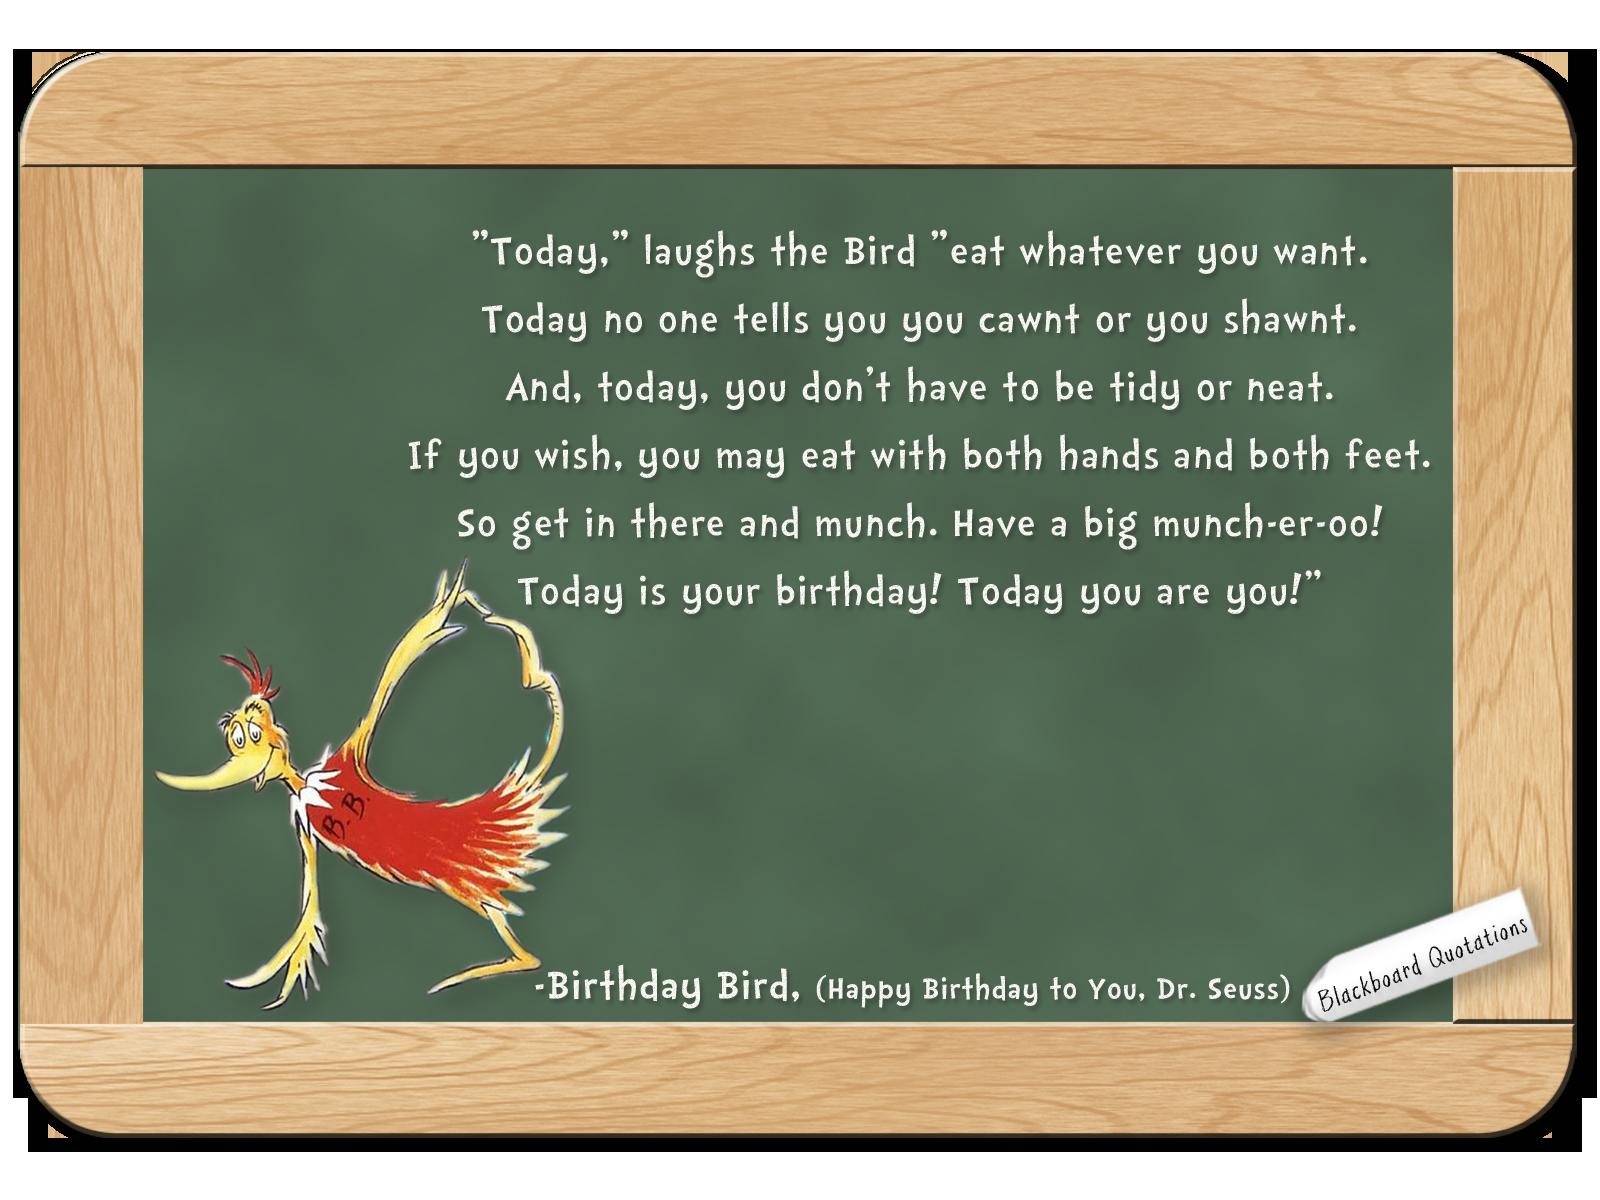 Birthday Bird Quotes. QuotesGram